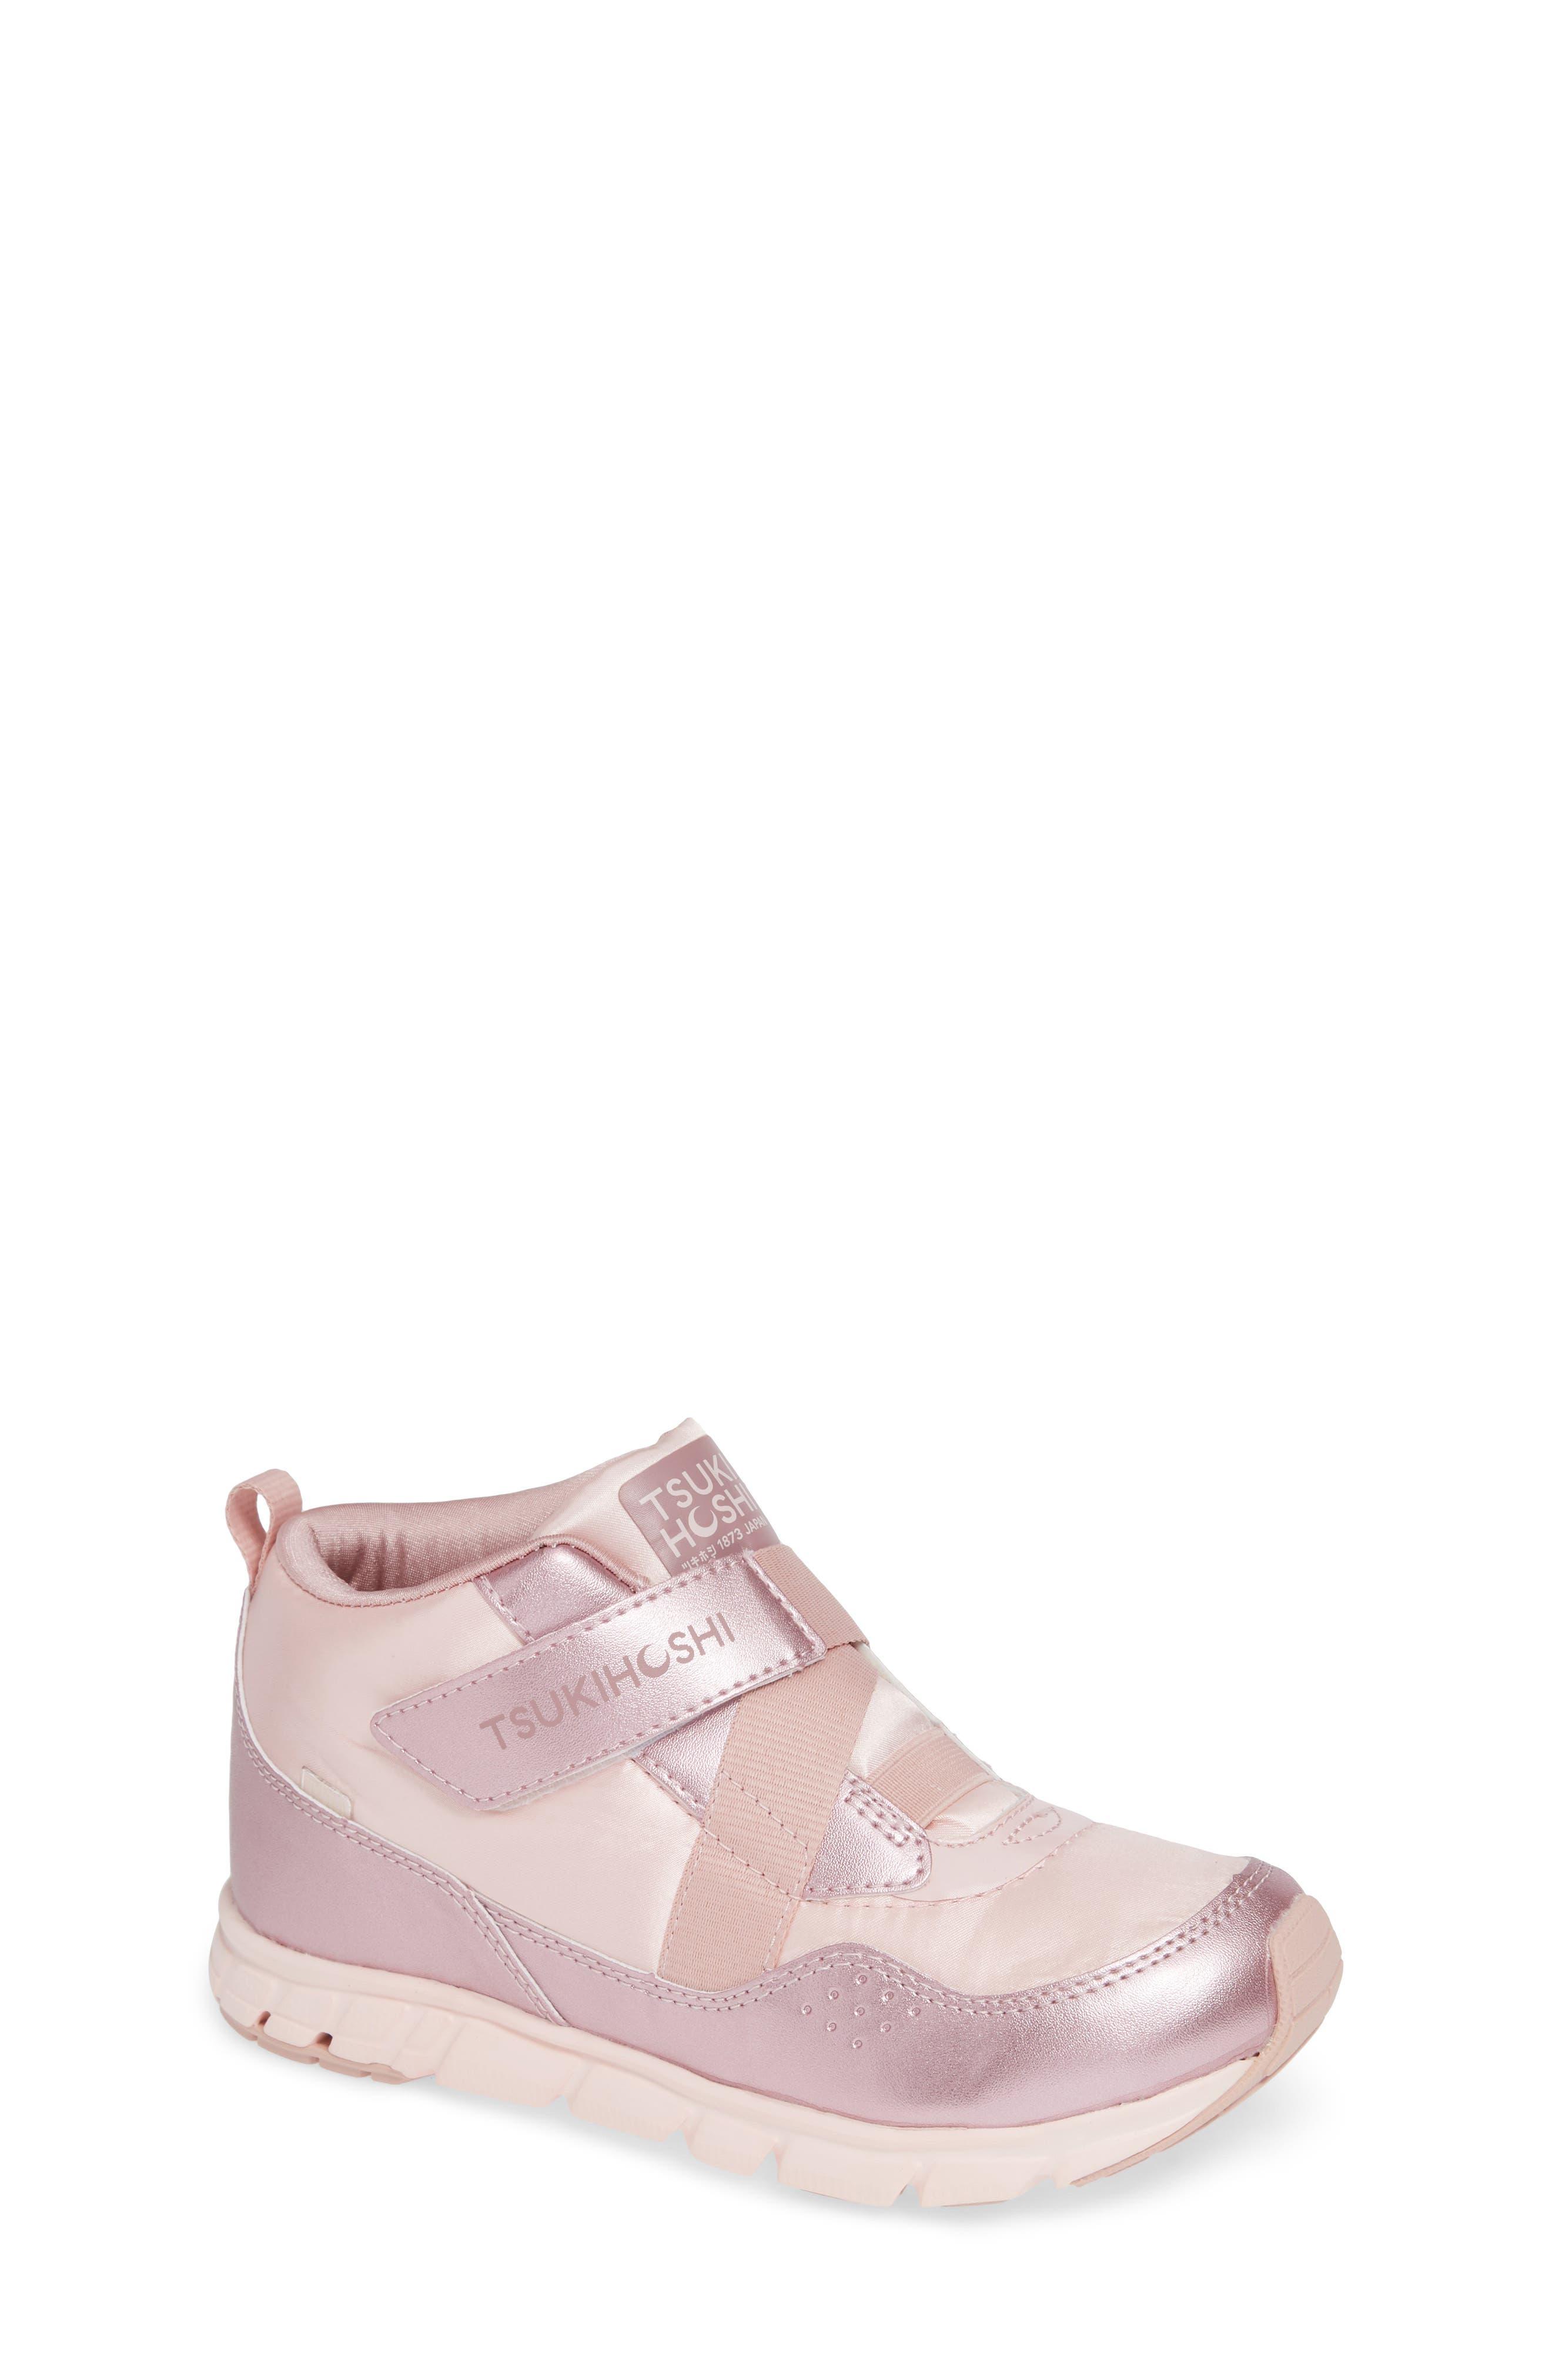 Kids Tsukihoshi Tokyo Waterproof Sneaker Size 4 M  Pink